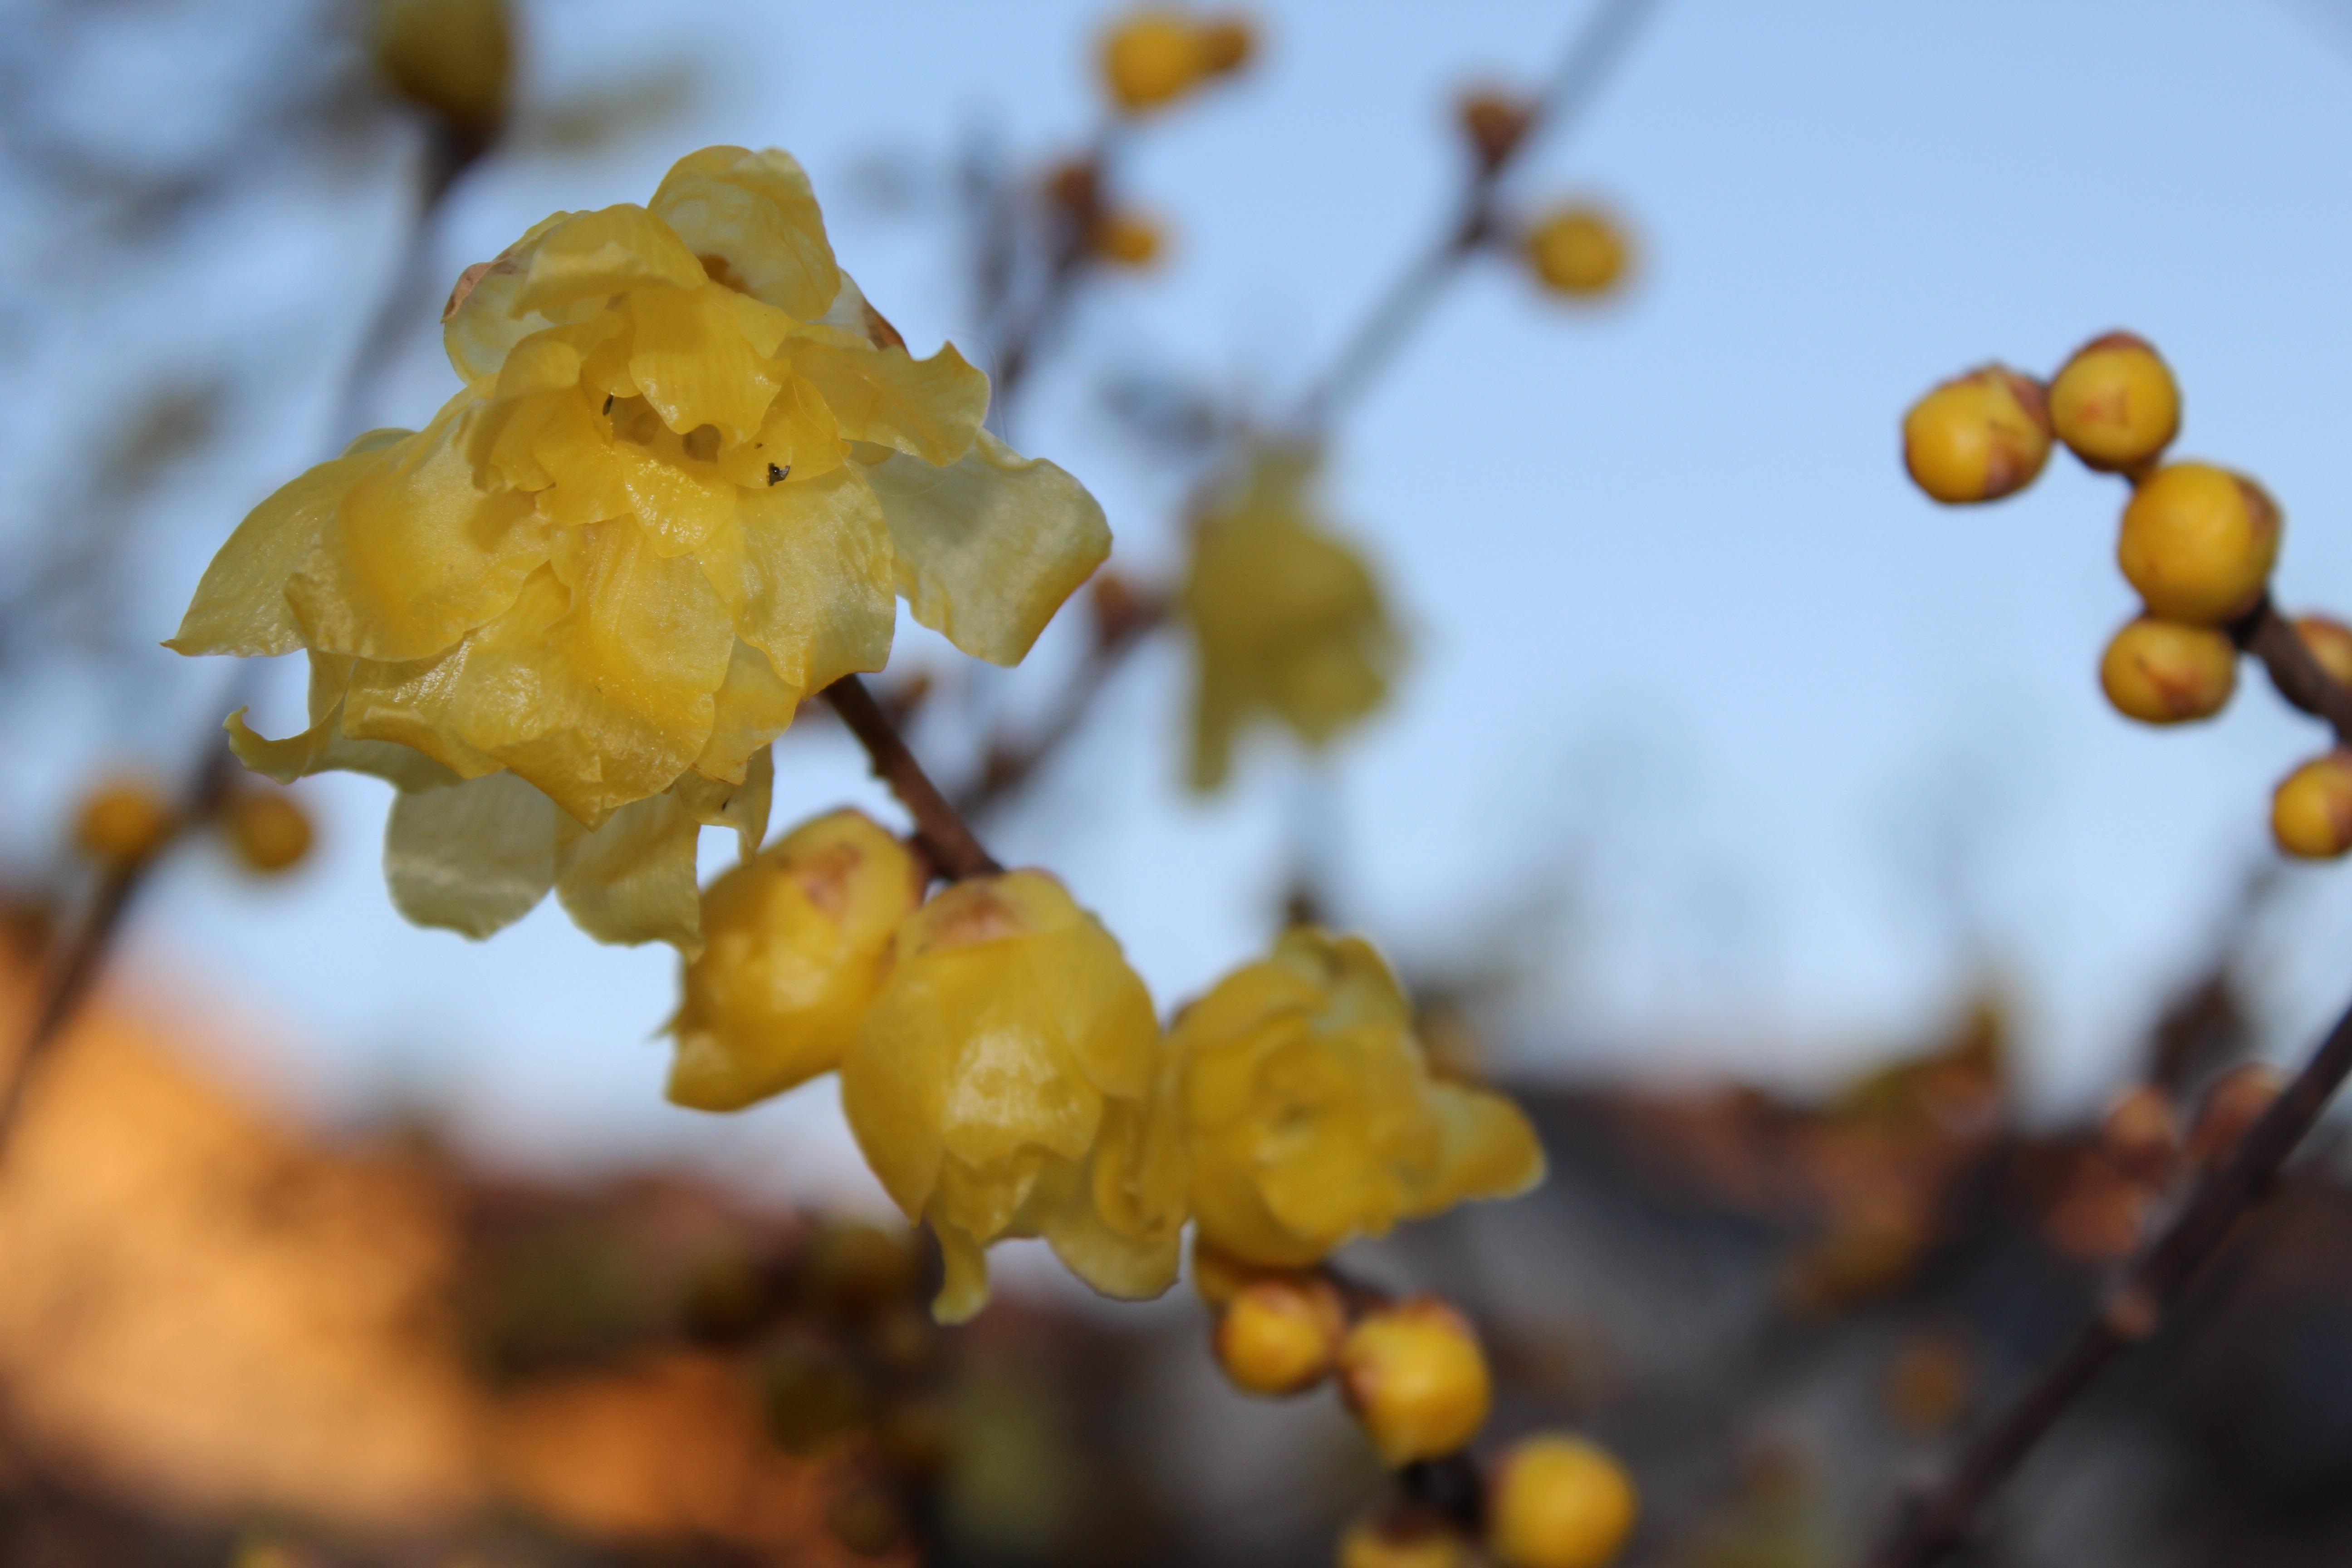 今日の誕生花の蝋梅(ろうばい)は、今年は咲き揃いが早いですね。